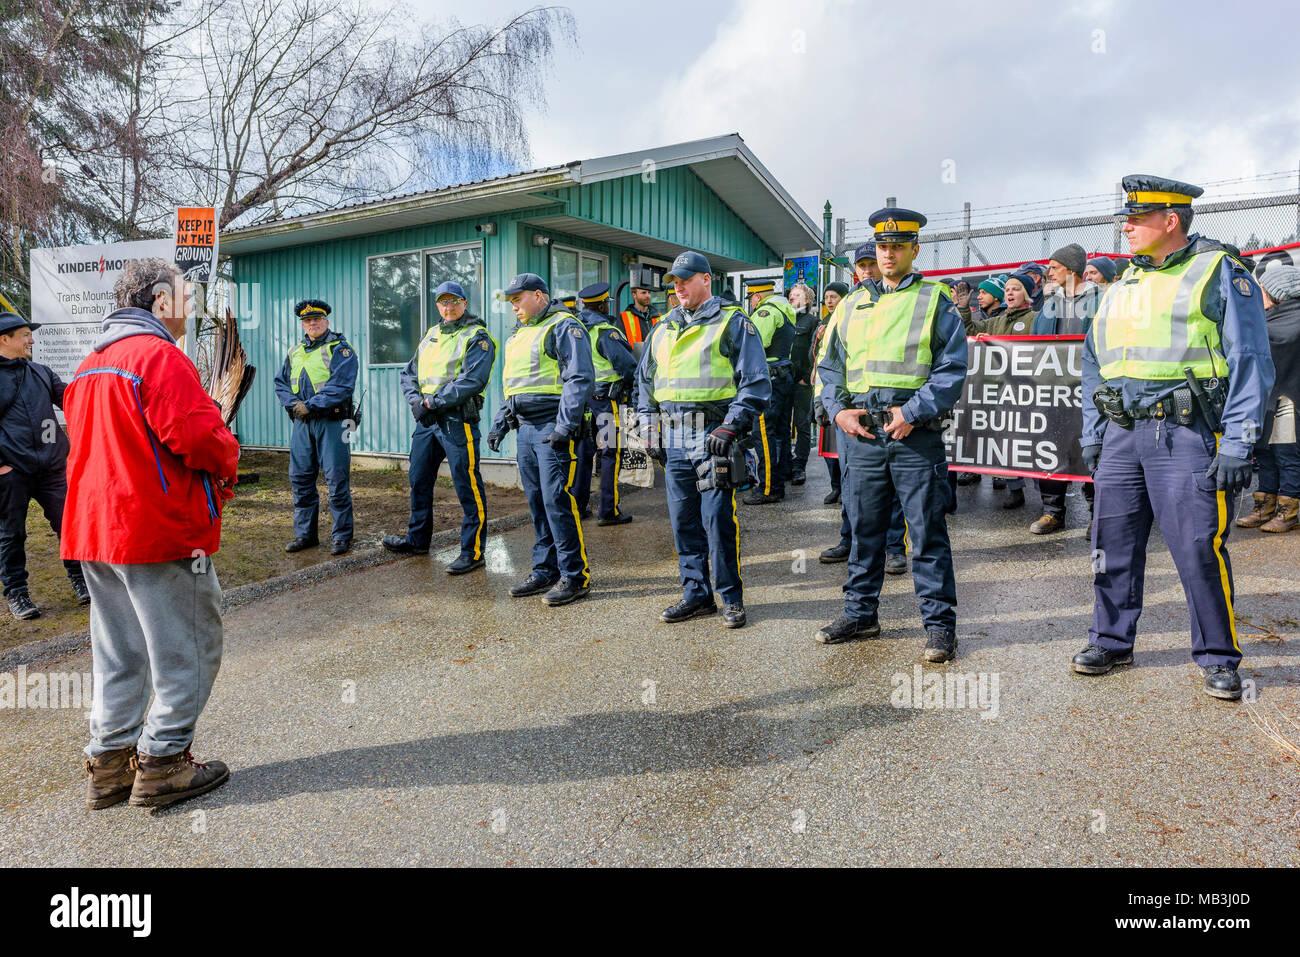 Grc forment un mur et de procéder à des arrestations au blocage de l'entrée du pipeline de Kinder Morgan, Burnaby, Colombie-Britannique, Canada. Photo Stock